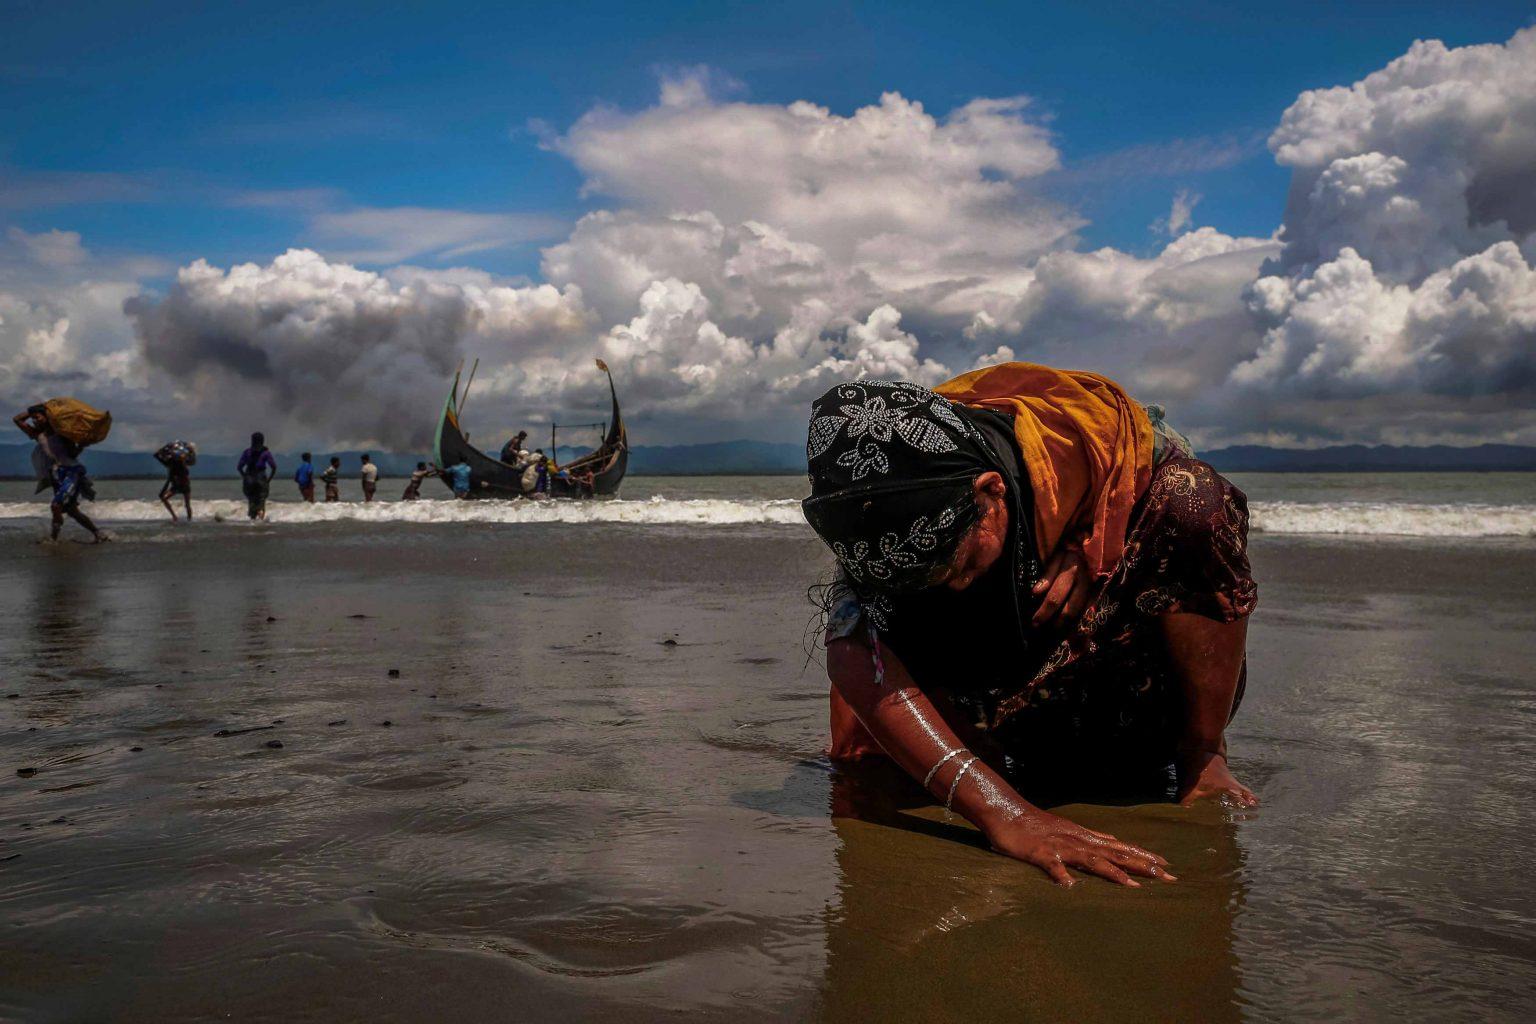 روہنگیا پناہ گزینوں کے میانمار سے نقل مکانی کرنے کی دانش صدیقی کی کھینچی گئی تصویر، جسے پیولٹرزانعام ملا تھا۔ (فوٹو: رائٹرس)